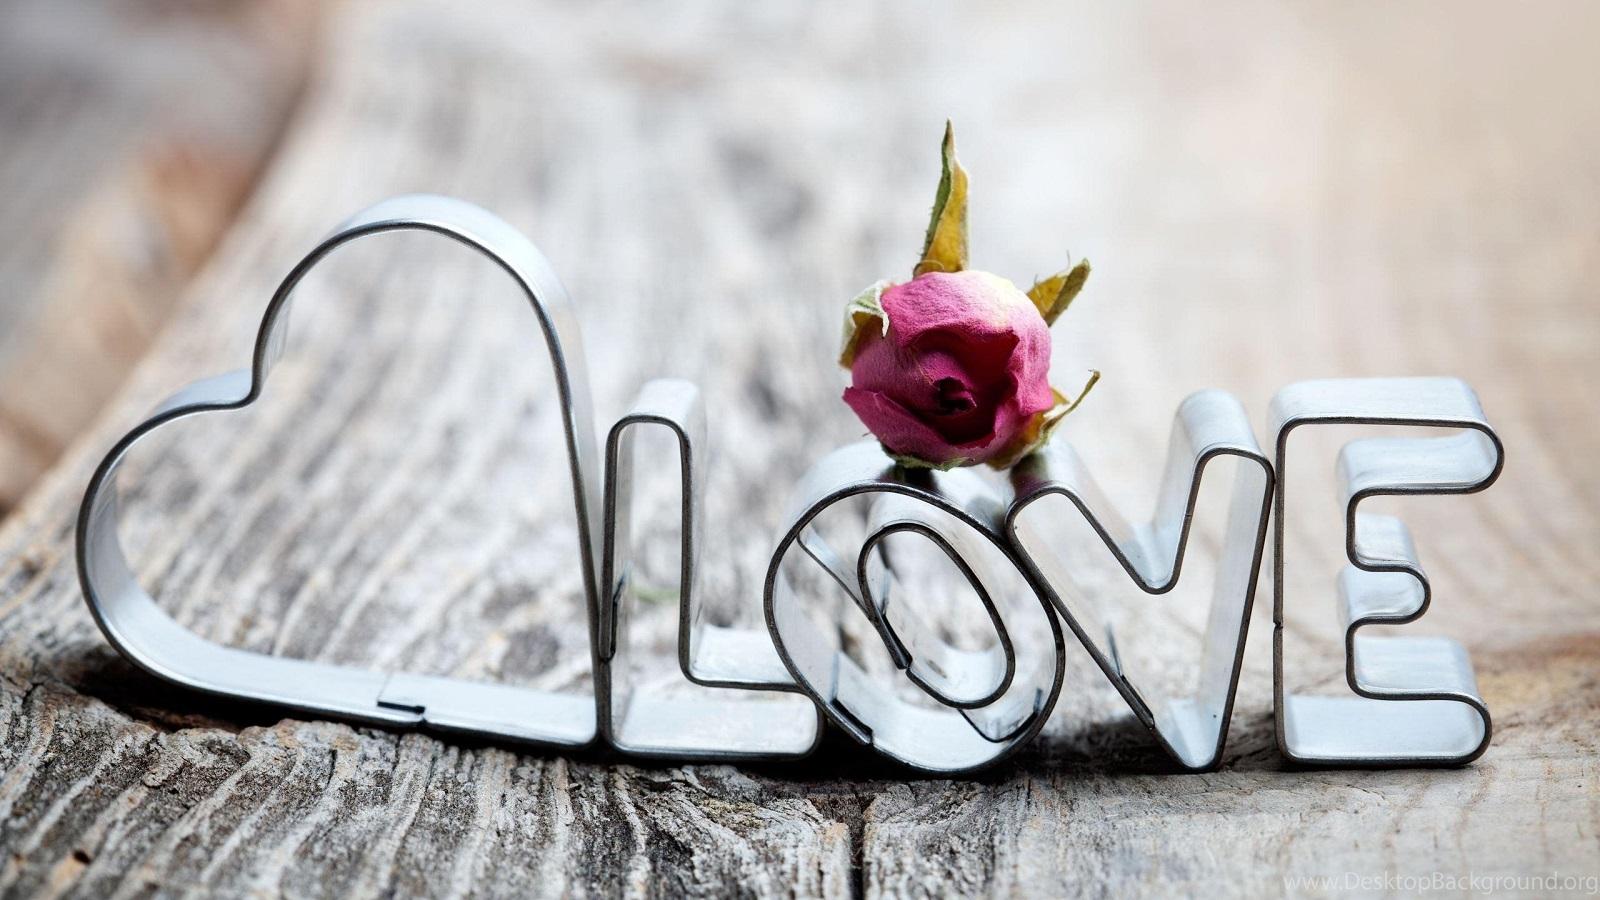 دلنوشته عاشقانه کوتاه، طولانی، خاص و جدید برای همسر و عشقم